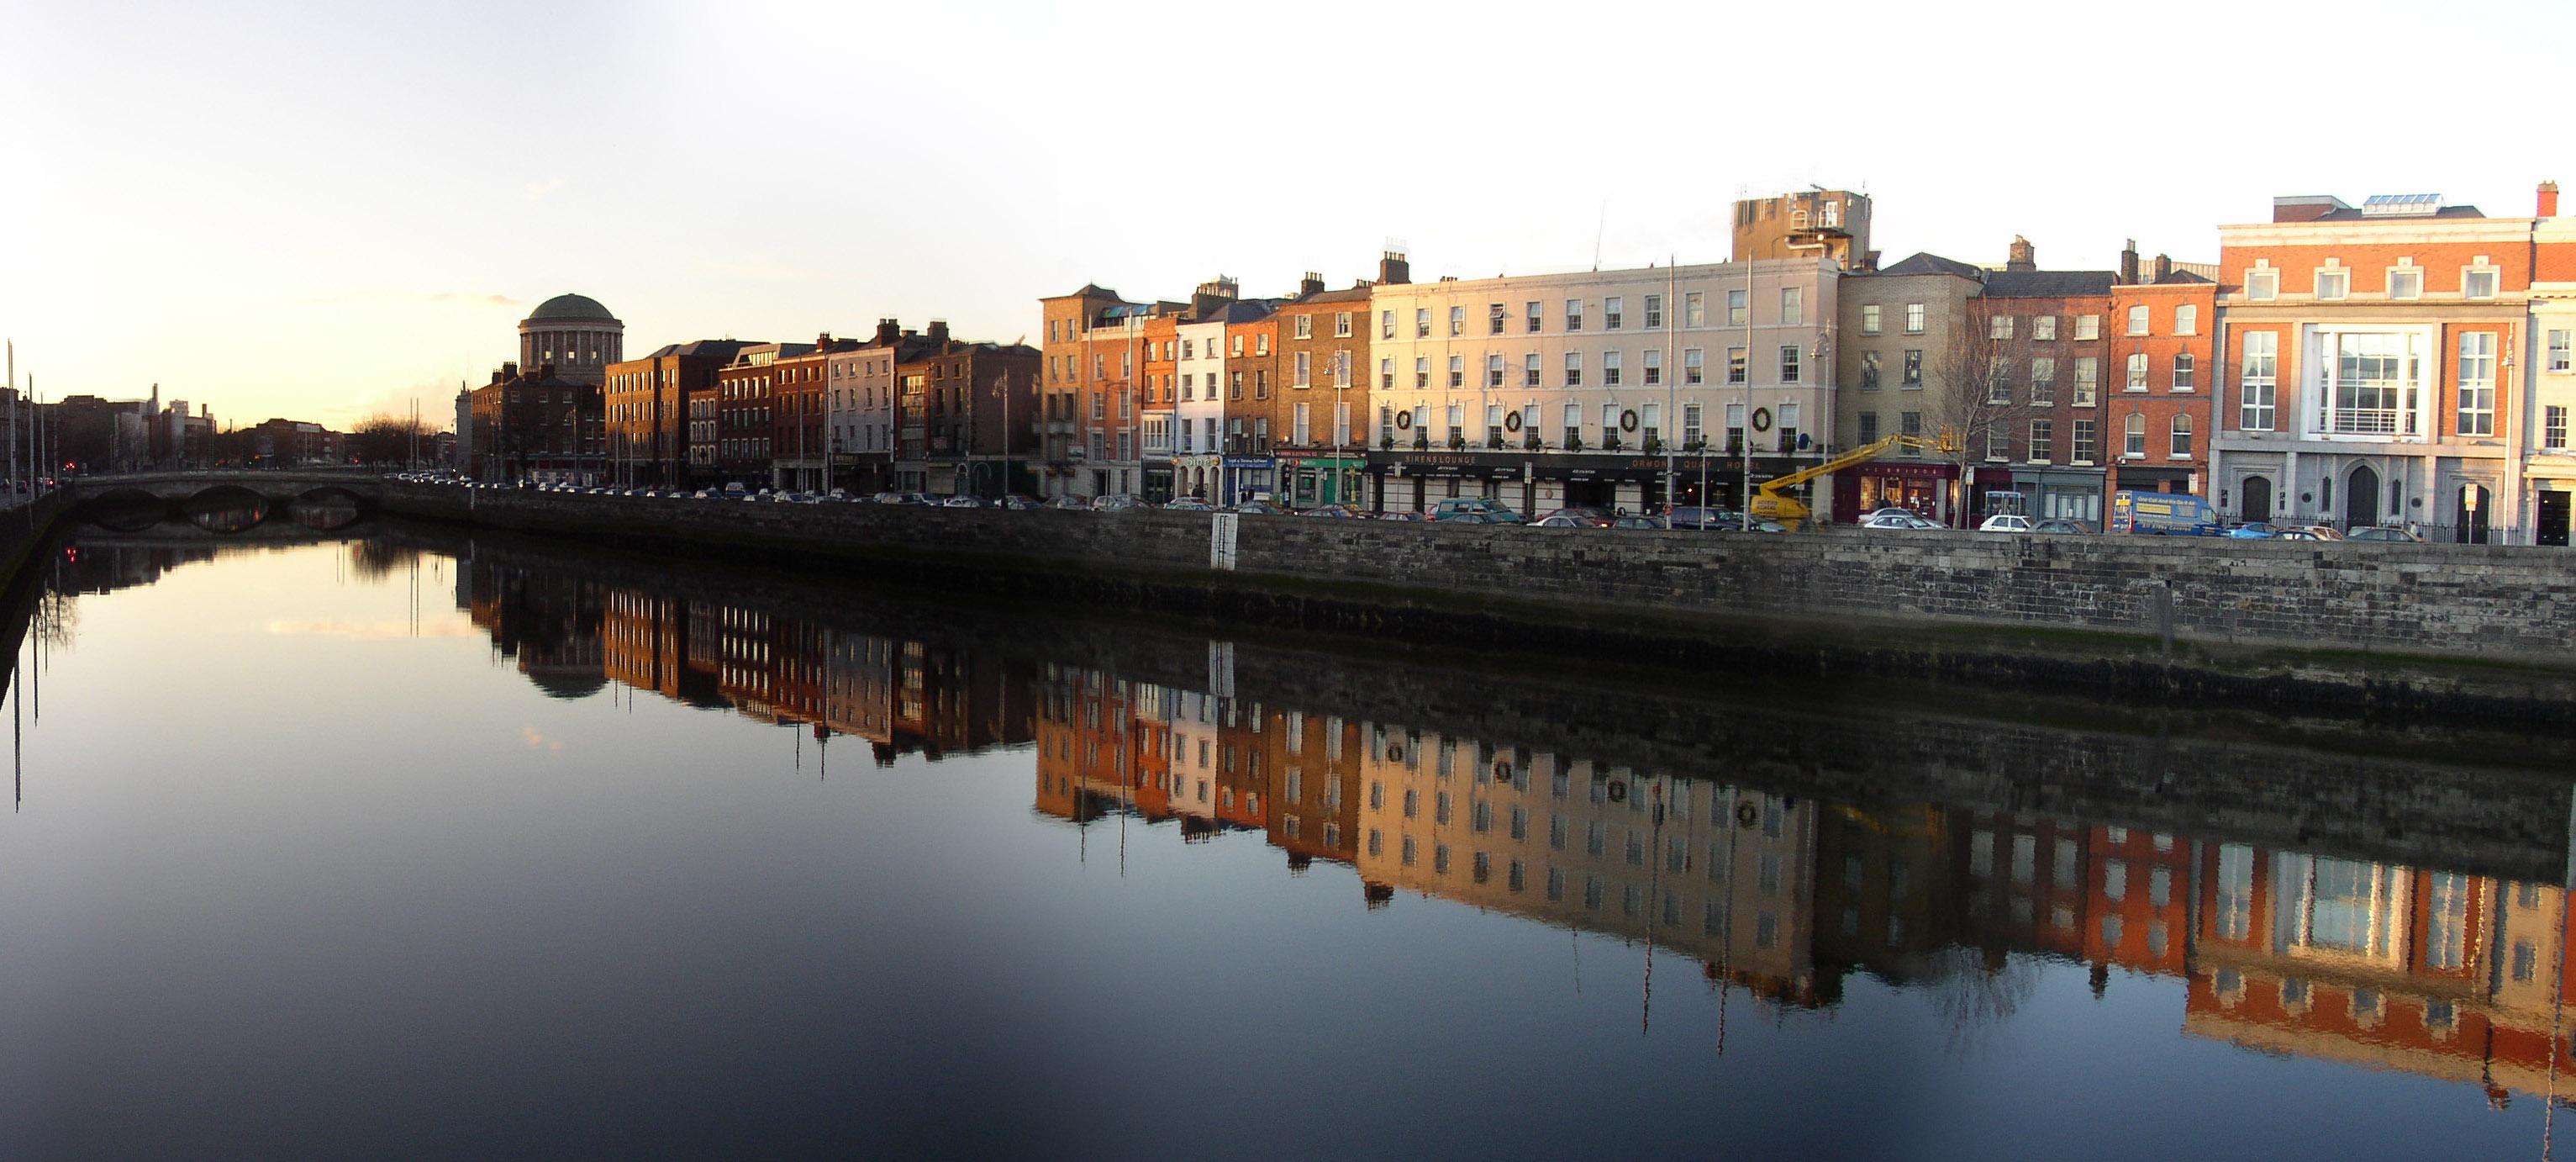 Pic of Dublin Riverside